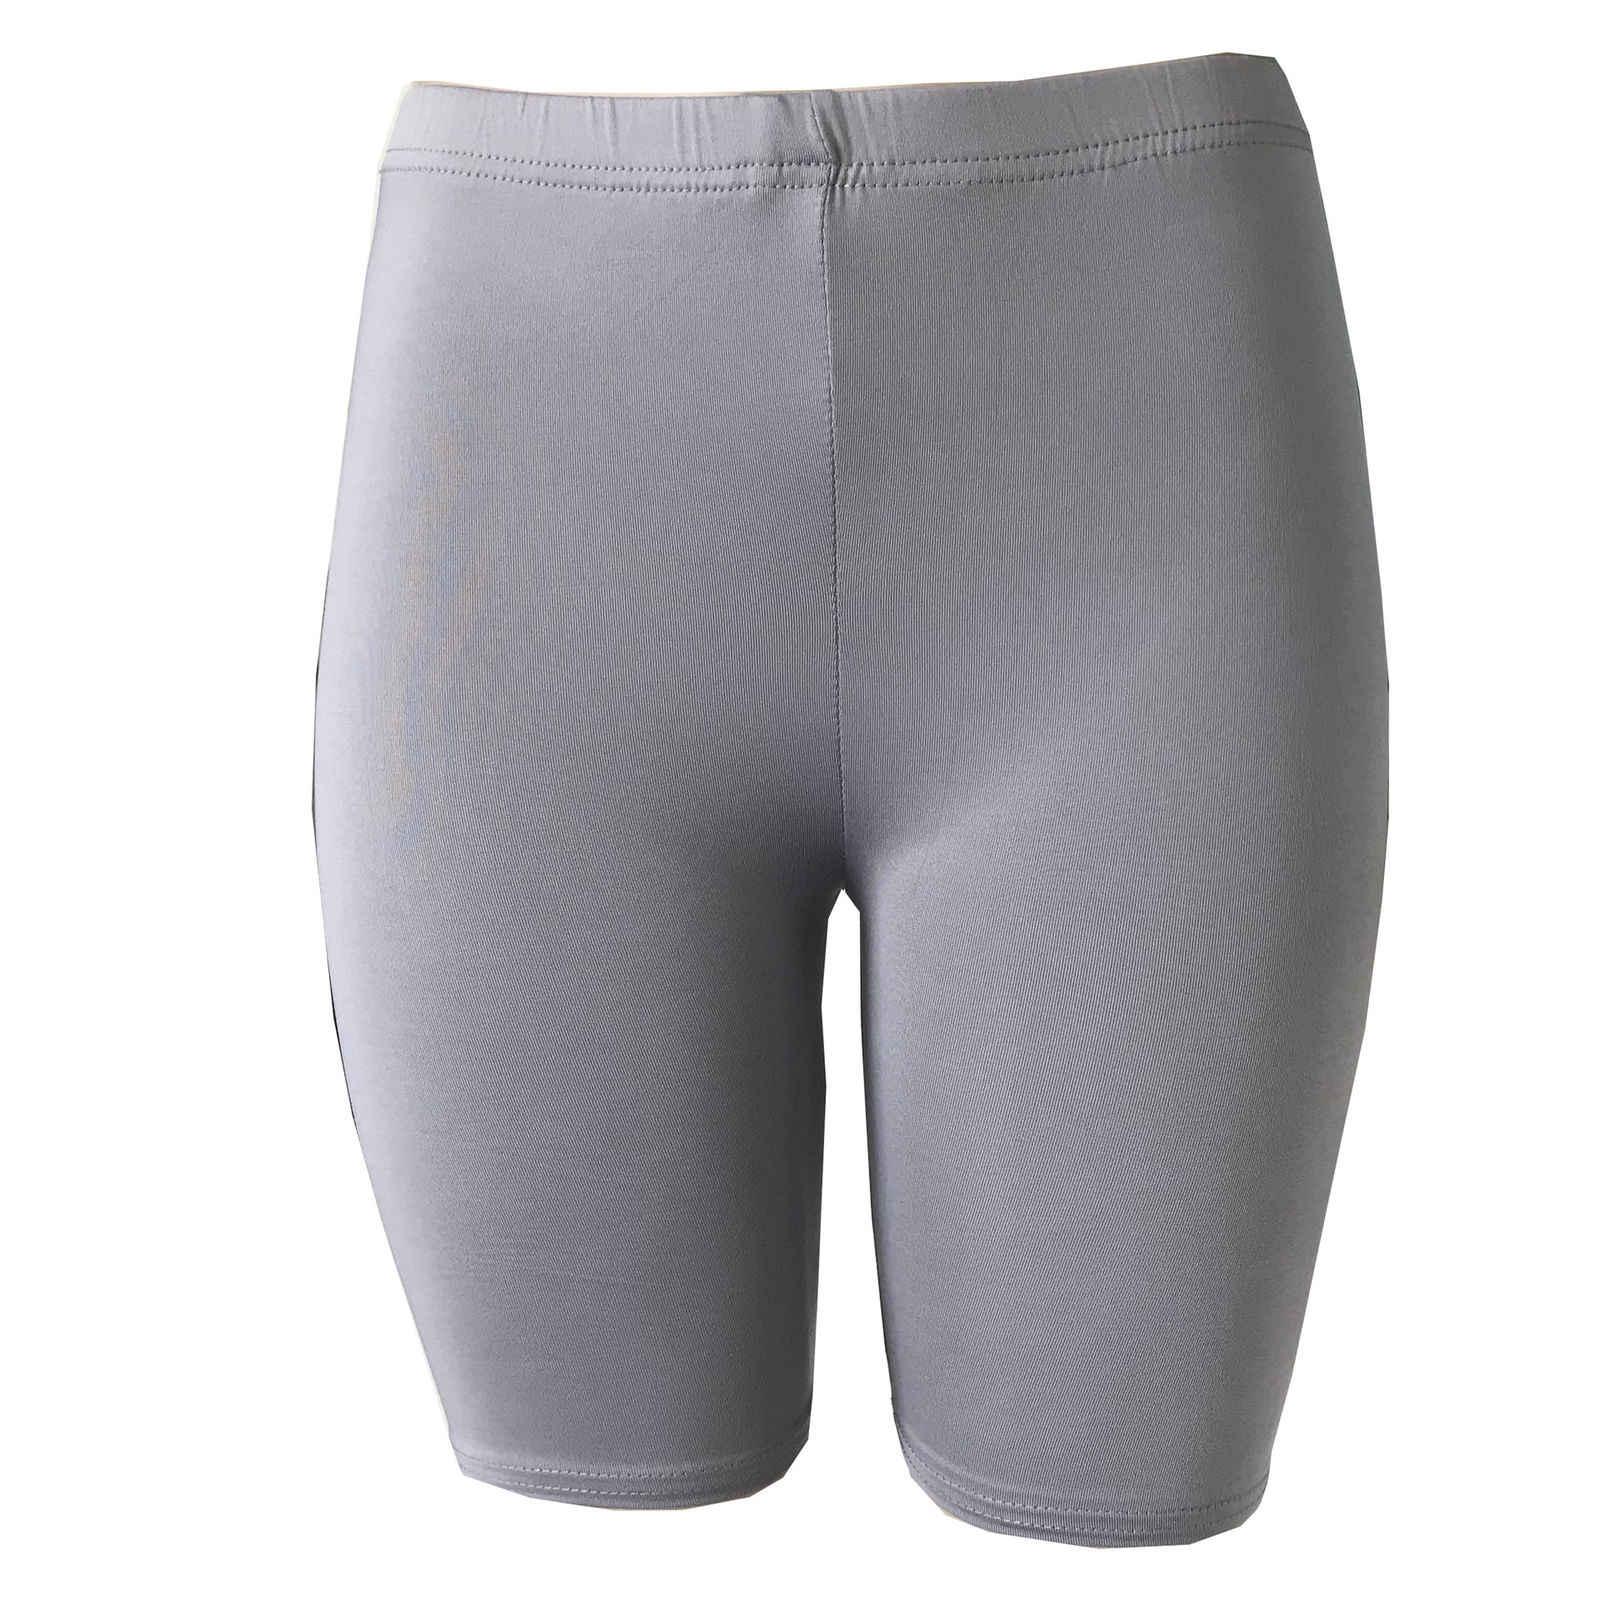 Brand New 2019 wysoka talia spodenki do jogi sportowe damskie szorty fitness elastyczne spodnie do biegania siłownia krótkie trening plaża nosić spodenki na świeżym powietrzu